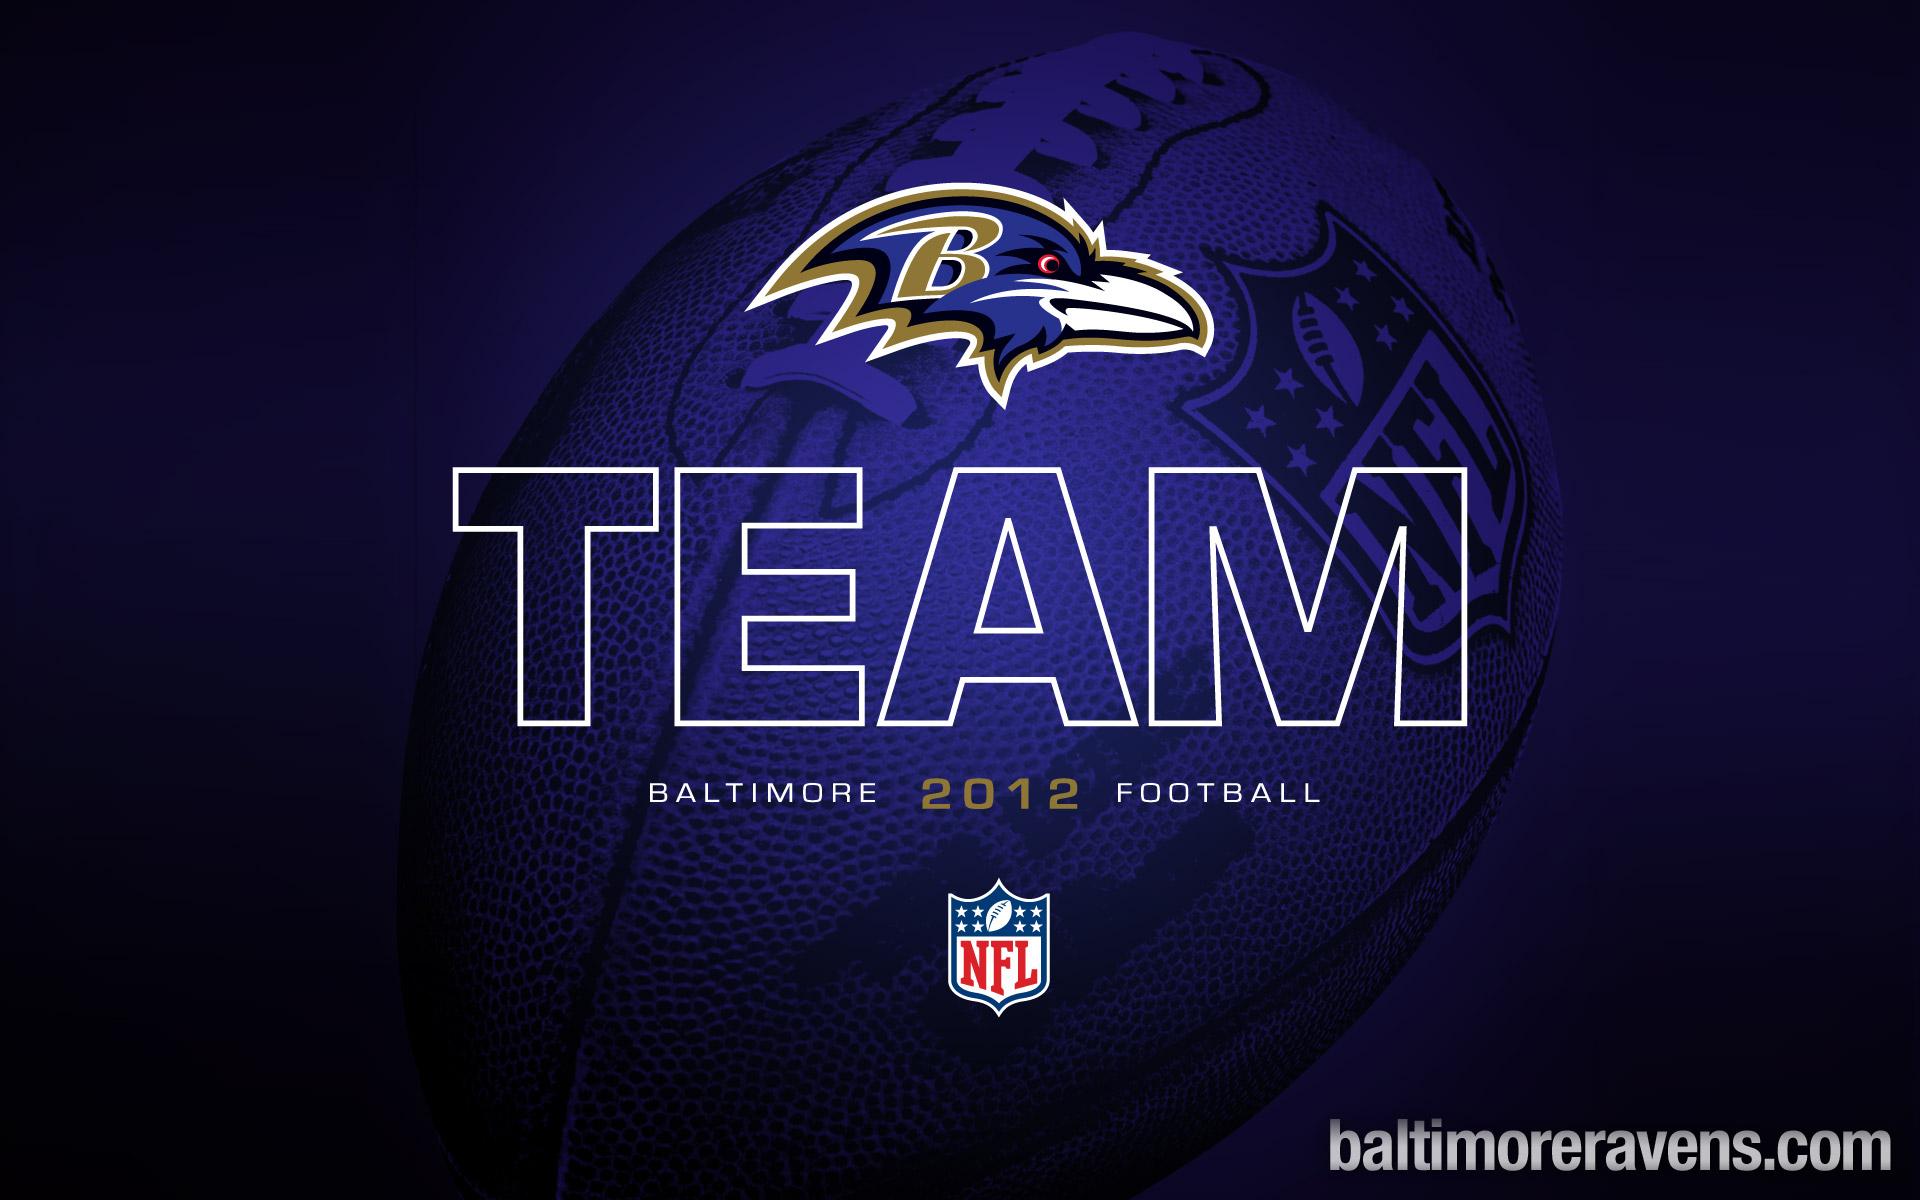 Hd Wallpapers Baltimore Ravens Logo 640 X 1136 252 Kb Jpeg HD 1920x1200